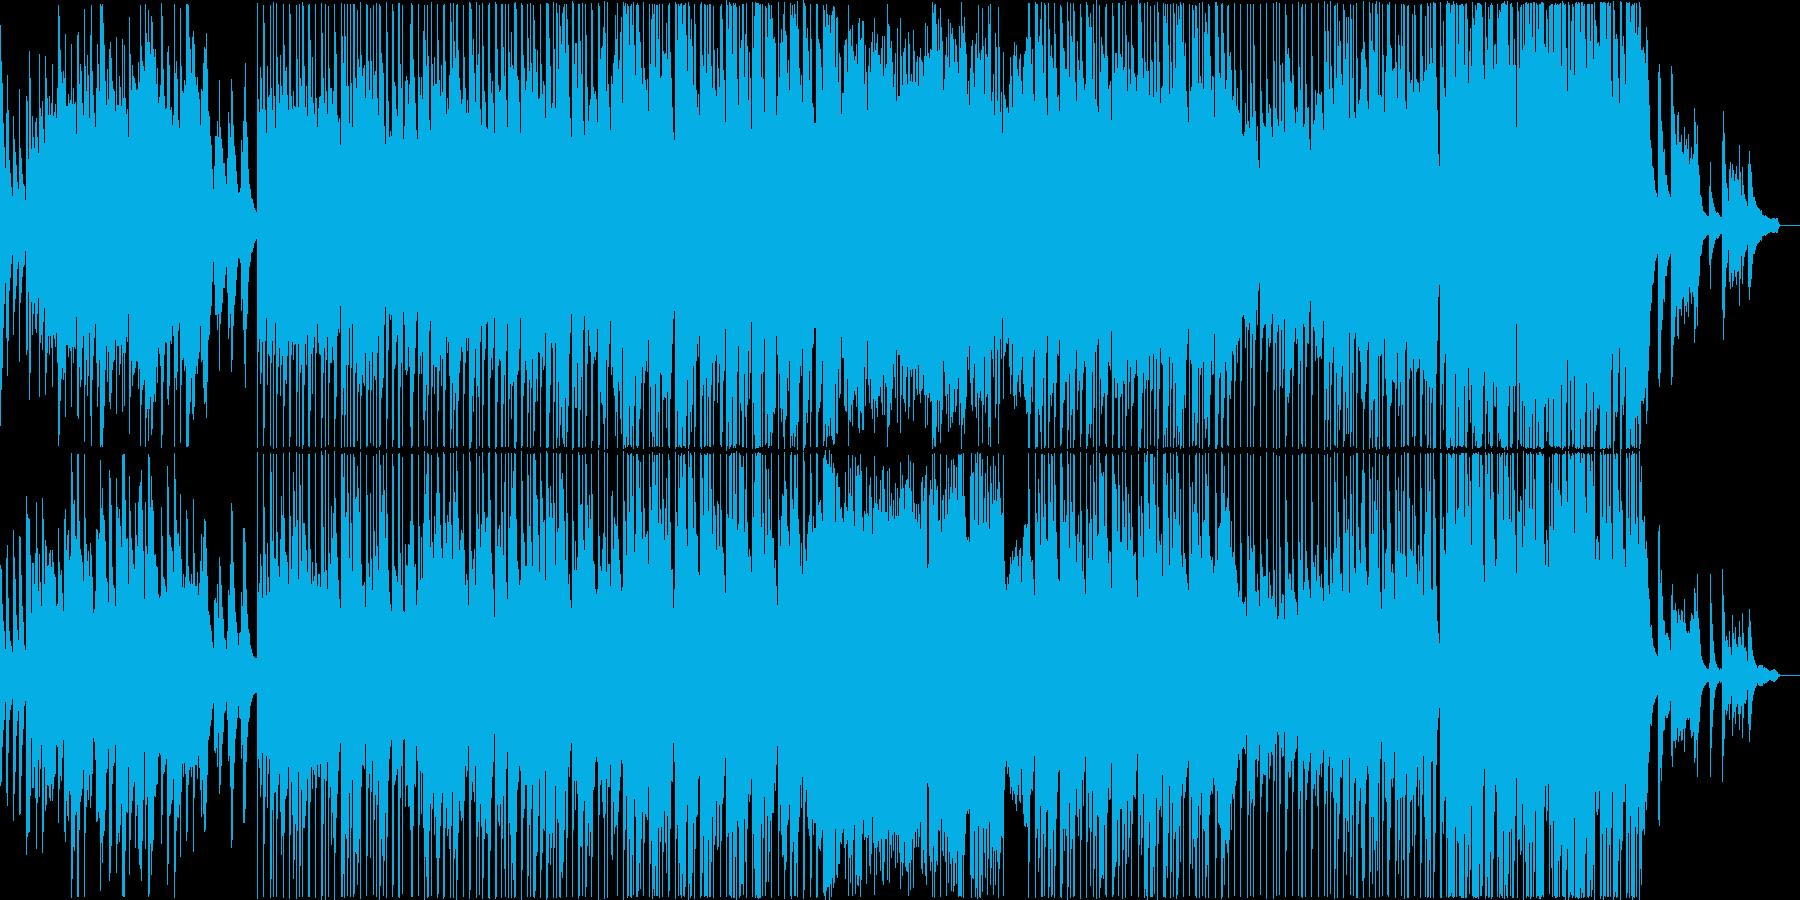 ゆっくりとした せつなめなピアノバラードの再生済みの波形